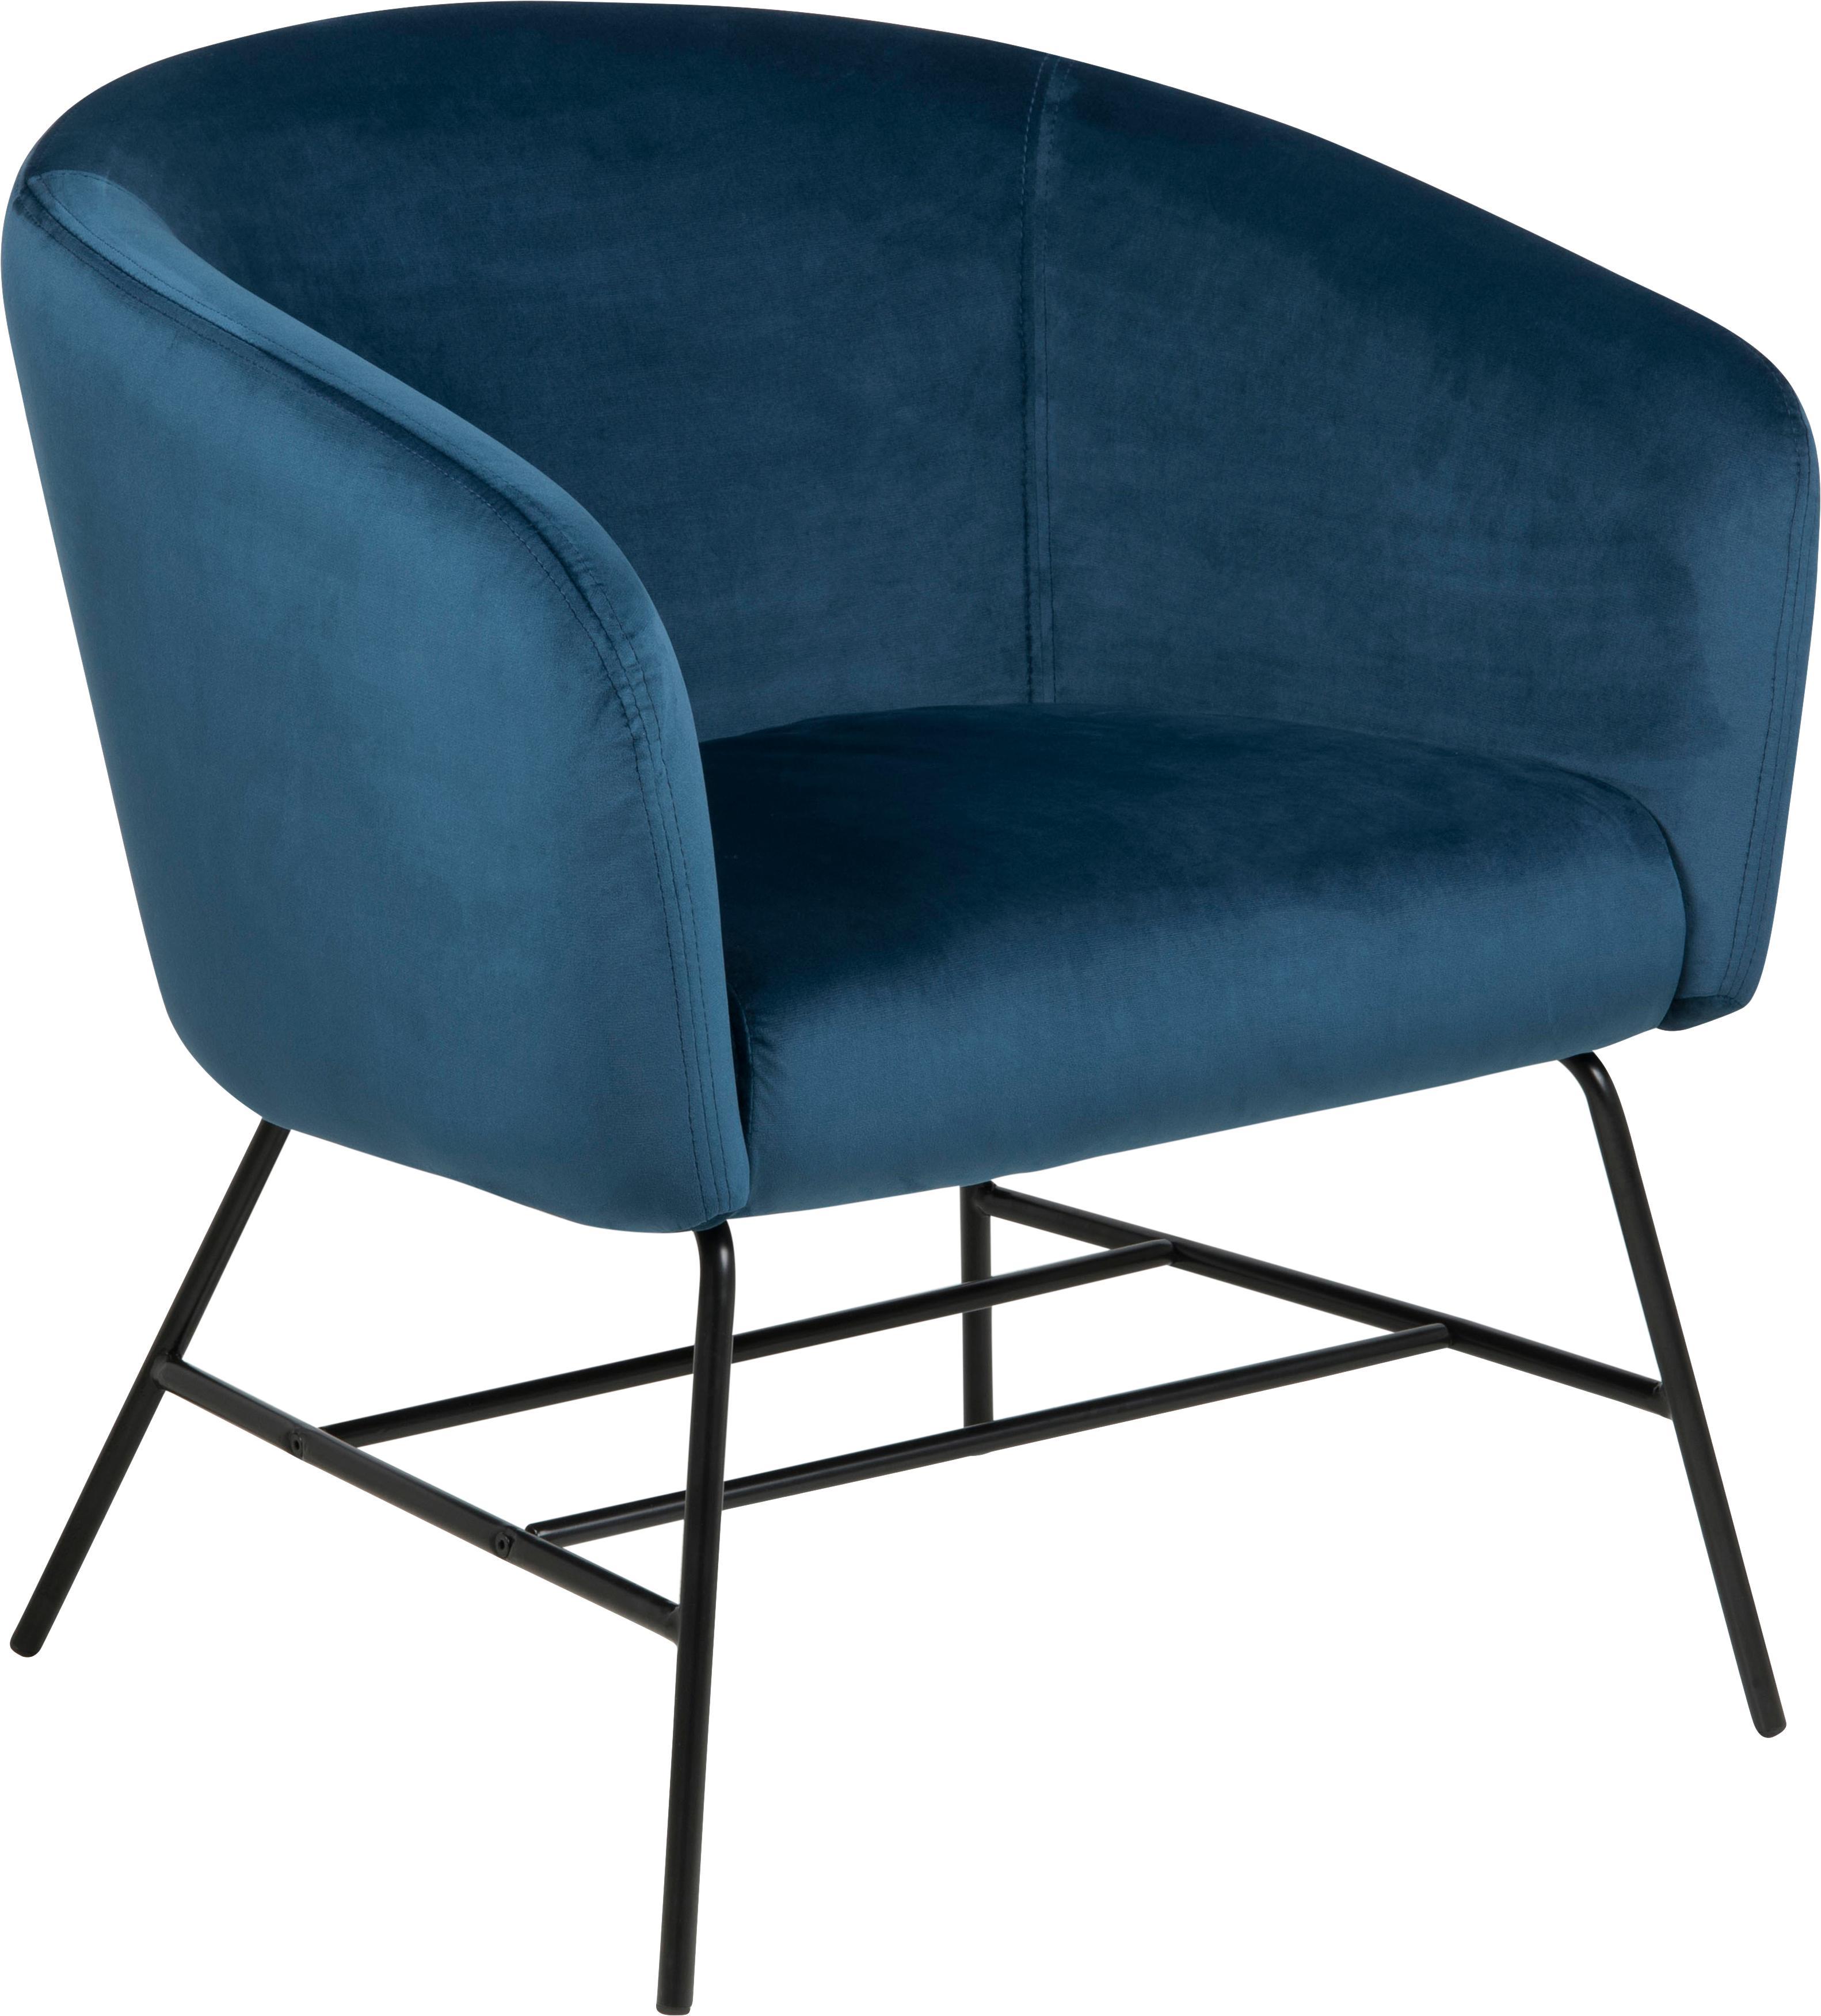 Sillón cóctel de terciopelo Ramsey, estilo moderno, Tapizado: terciopelo de poliéster 2, Patas: metal pintado, Terciopelo azul marino, An 72 x F 67 cm